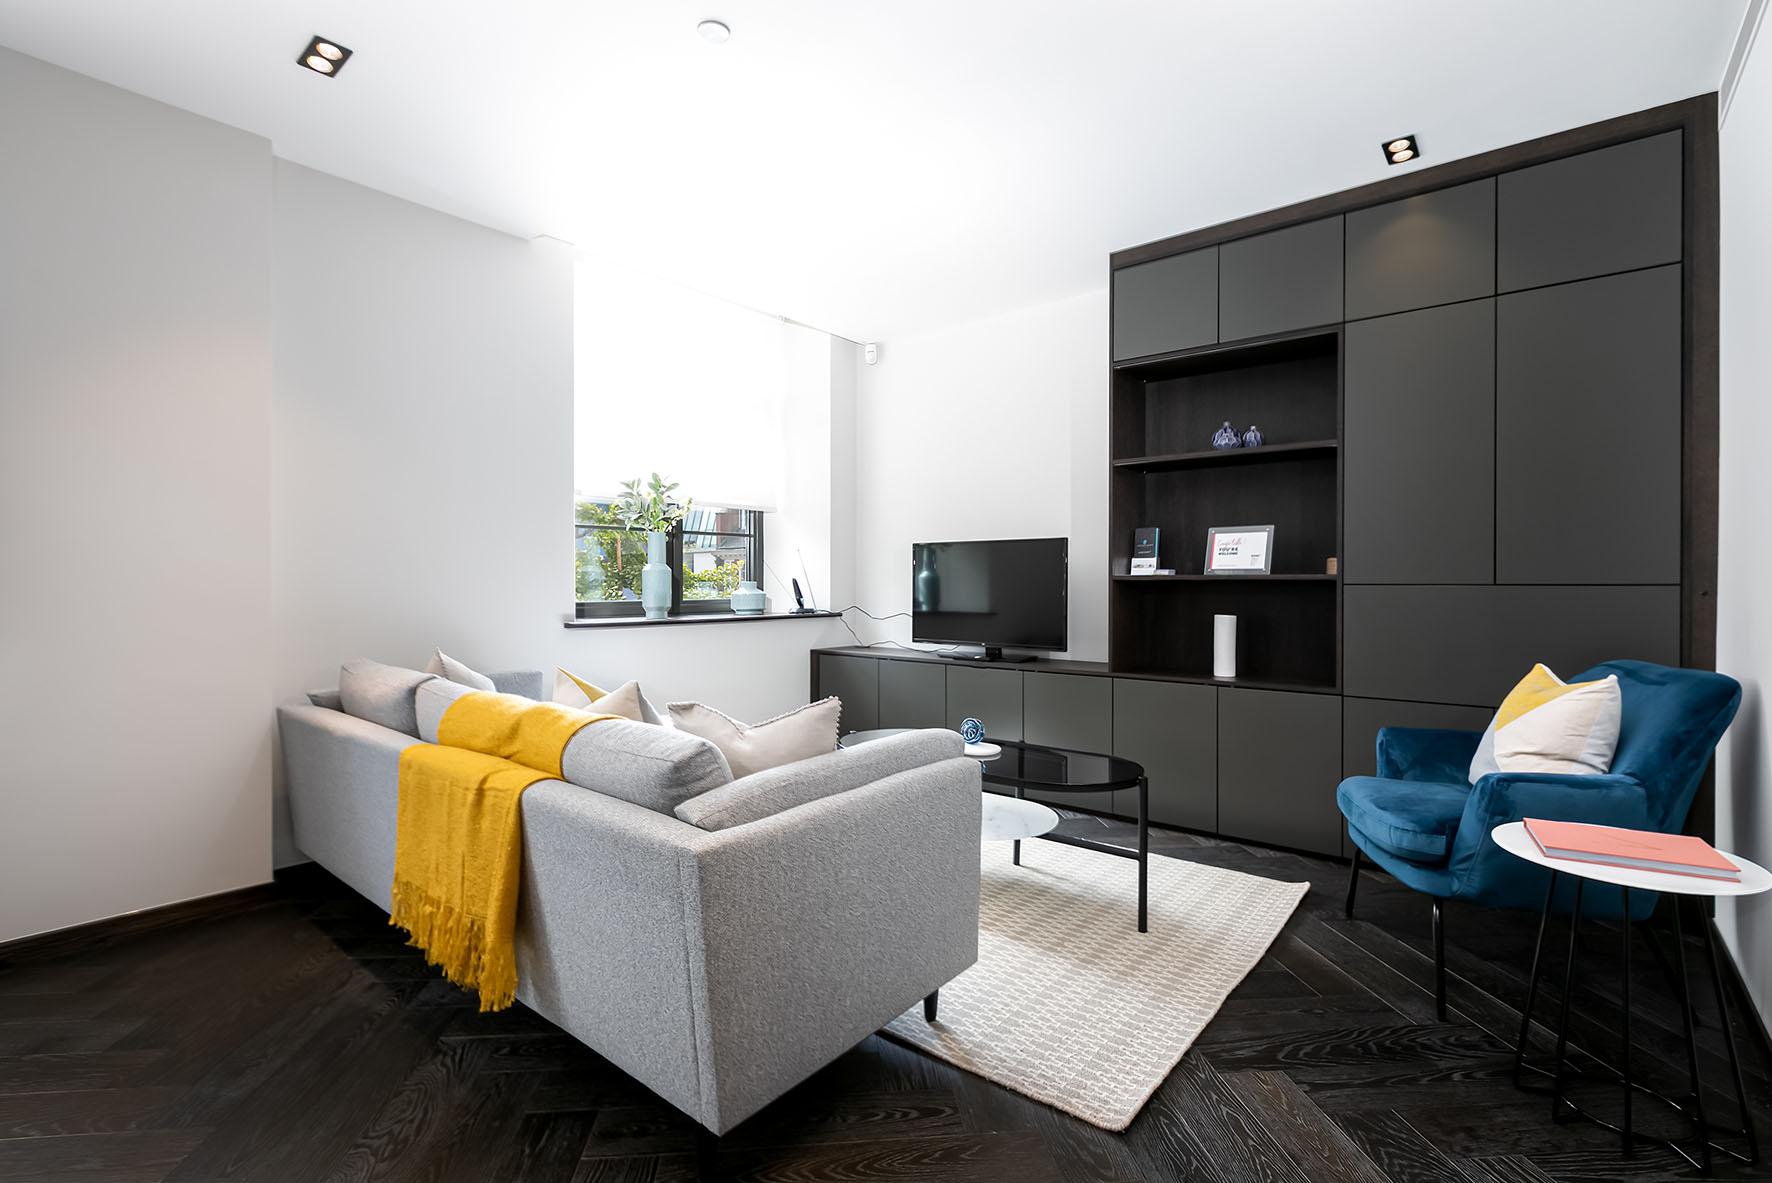 Lovelydays luxury service apartment rental - London - Soho - Oxford Street V - Lovelysuite - 1 bedrooms - 1 bathrooms - Luxury living room - 10940cddb162 - Lovelydays